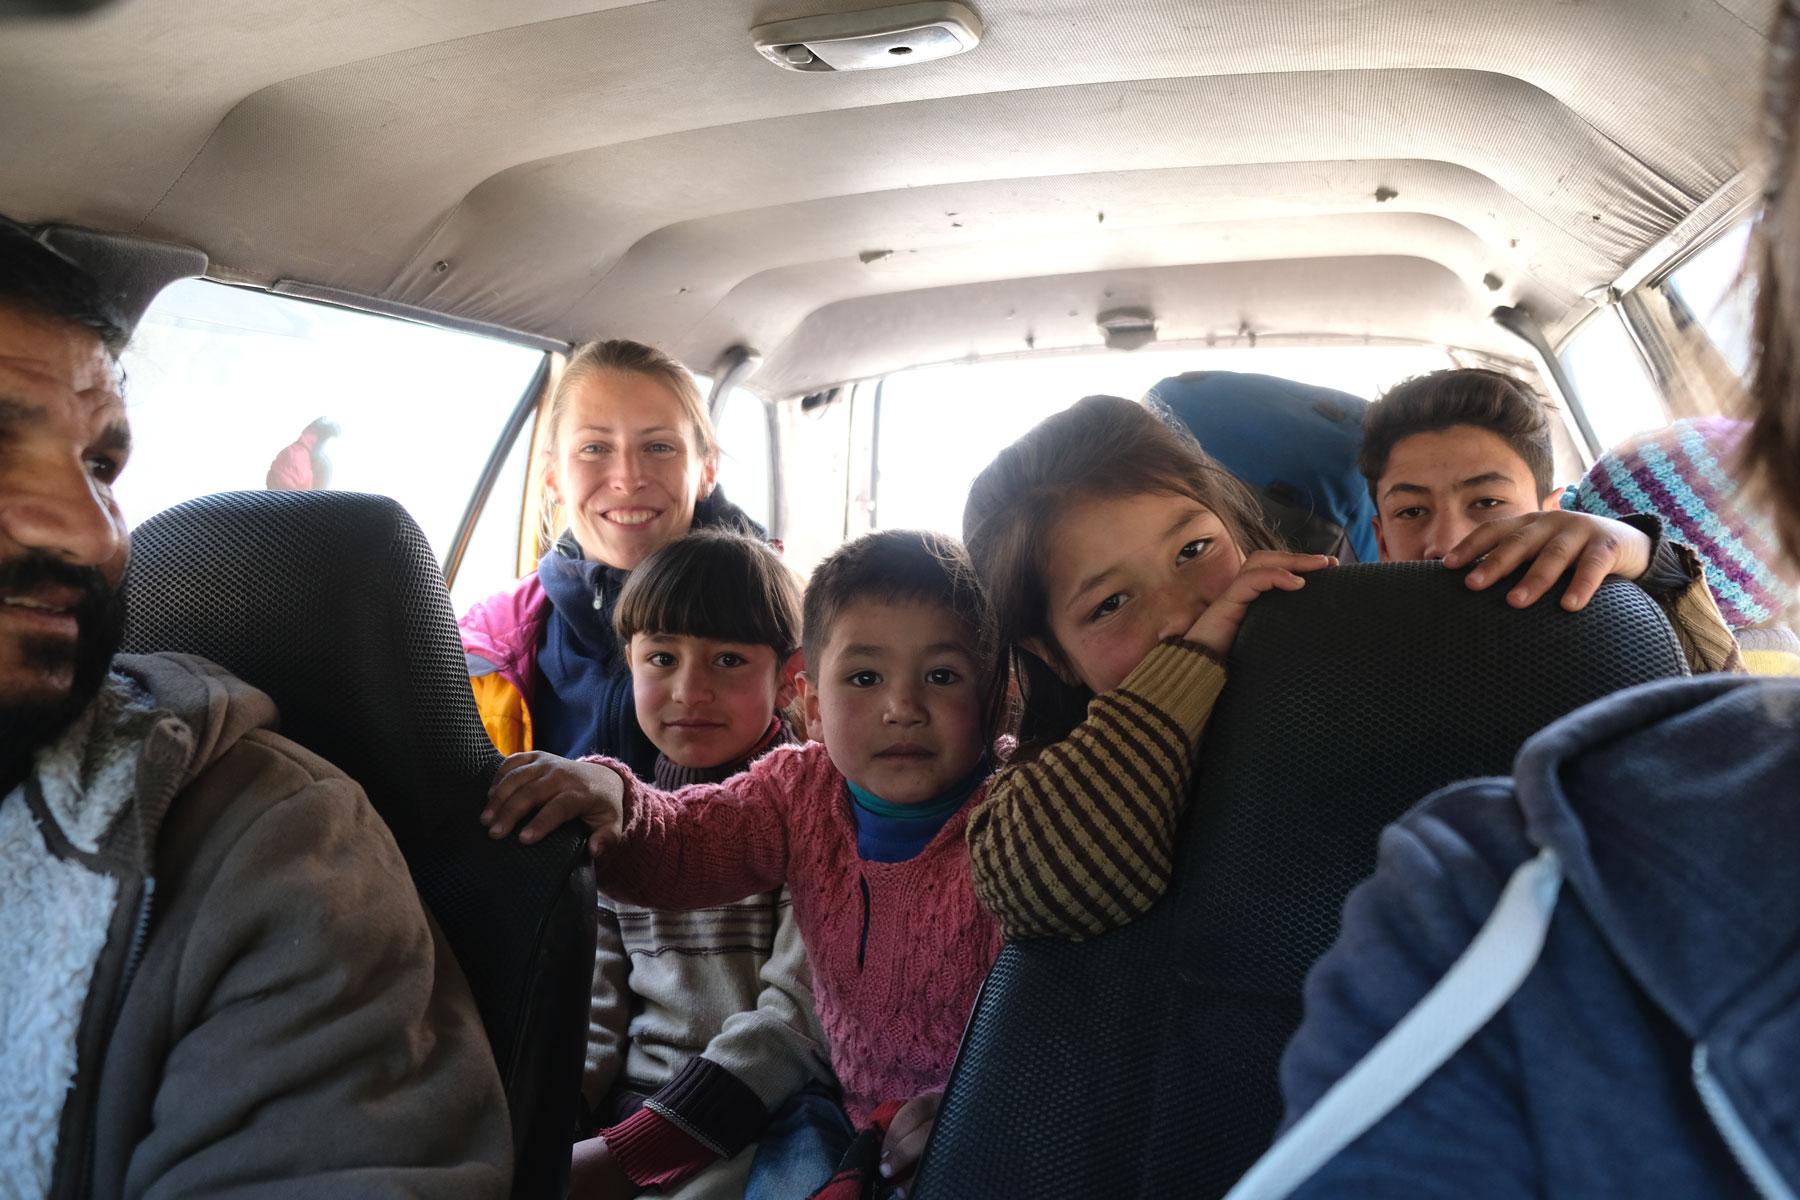 Weiter unten im Tal sammeln wir Mashroofs ältesten Sohn Ali mit seinen vier jüngeren Geschwistern ein, die hier auf uns gewartet haben, während wir zum See gelaufen sind